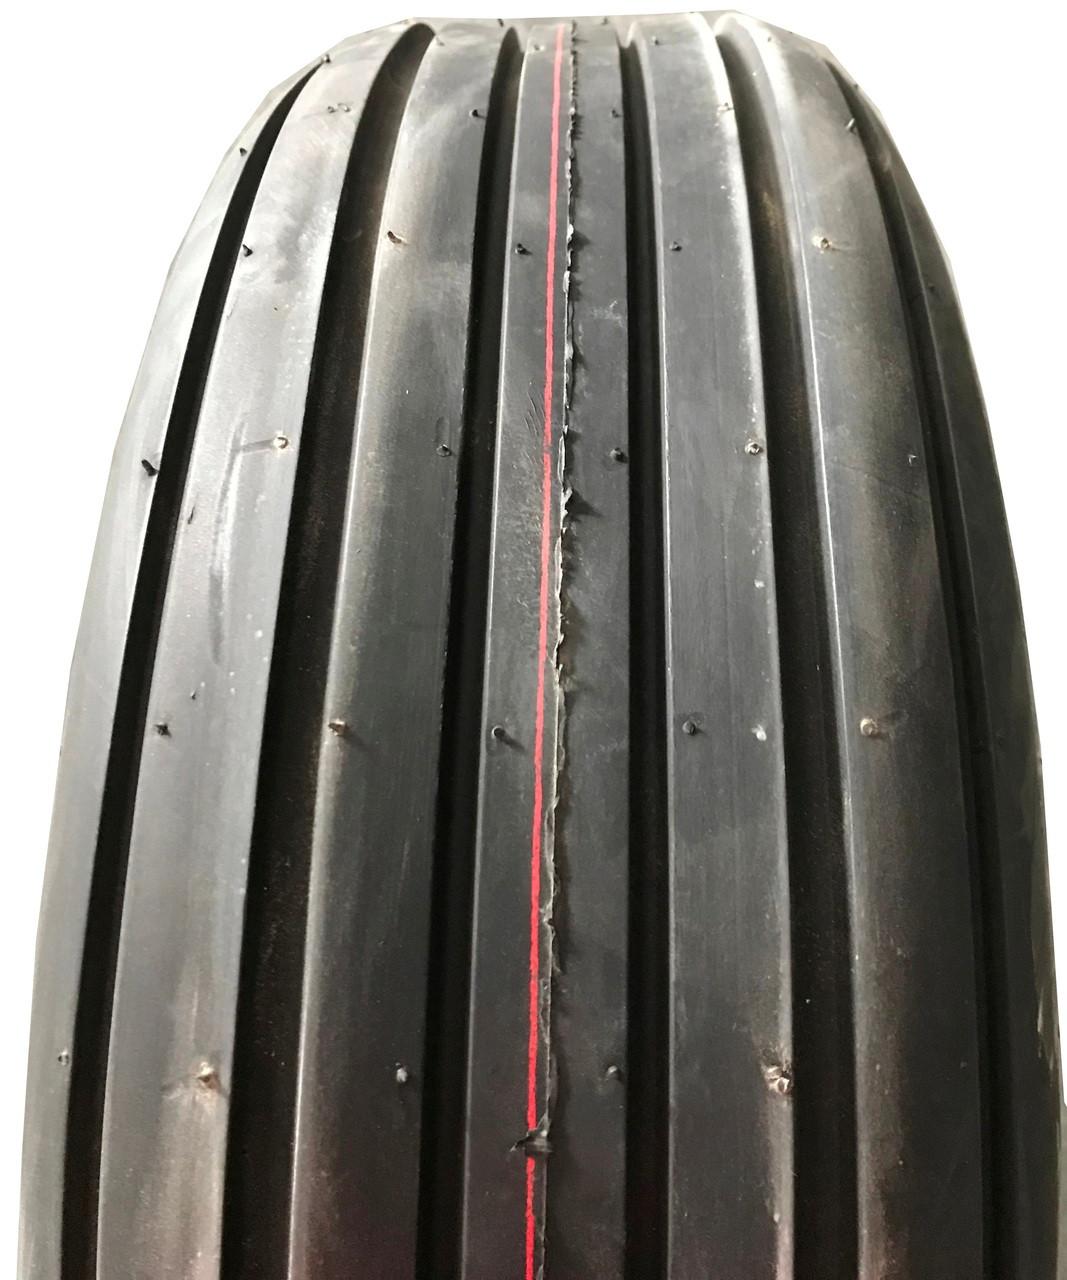 New Tire 9.5 L 15 Harvest King Rib Implement 12 Ply TL 9.5L-15